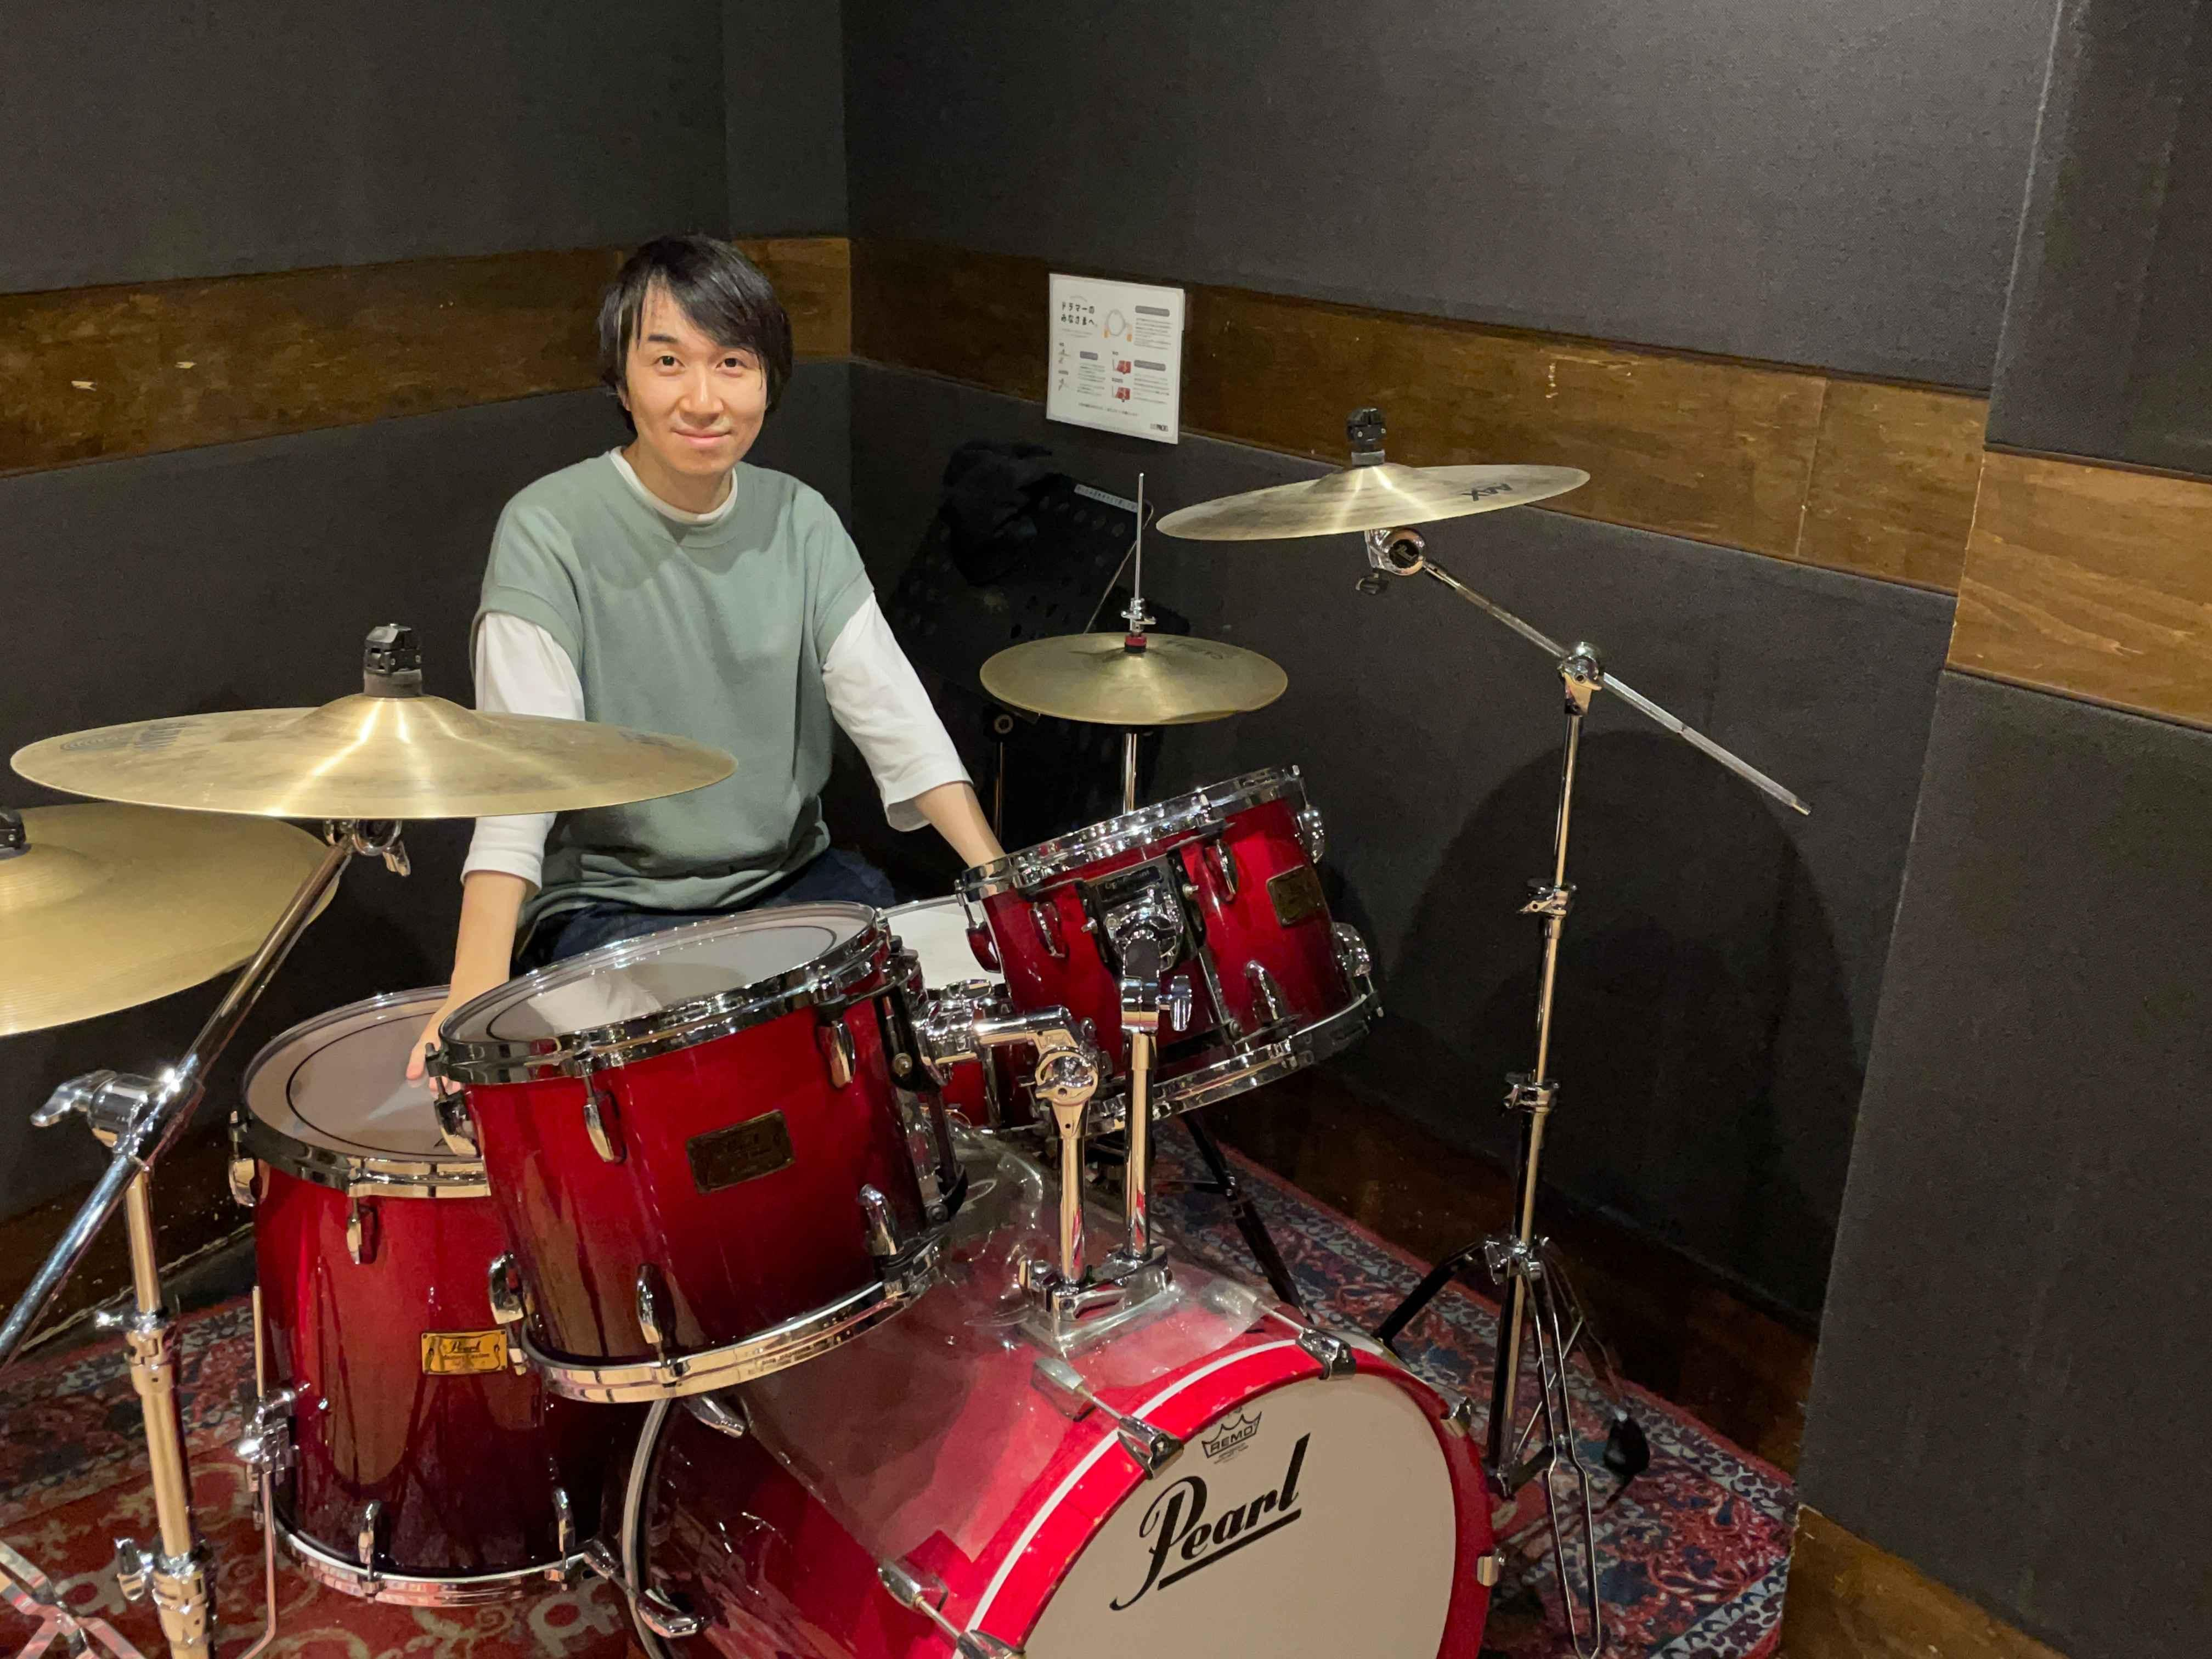 金山あつしドラム・パーカッション教室